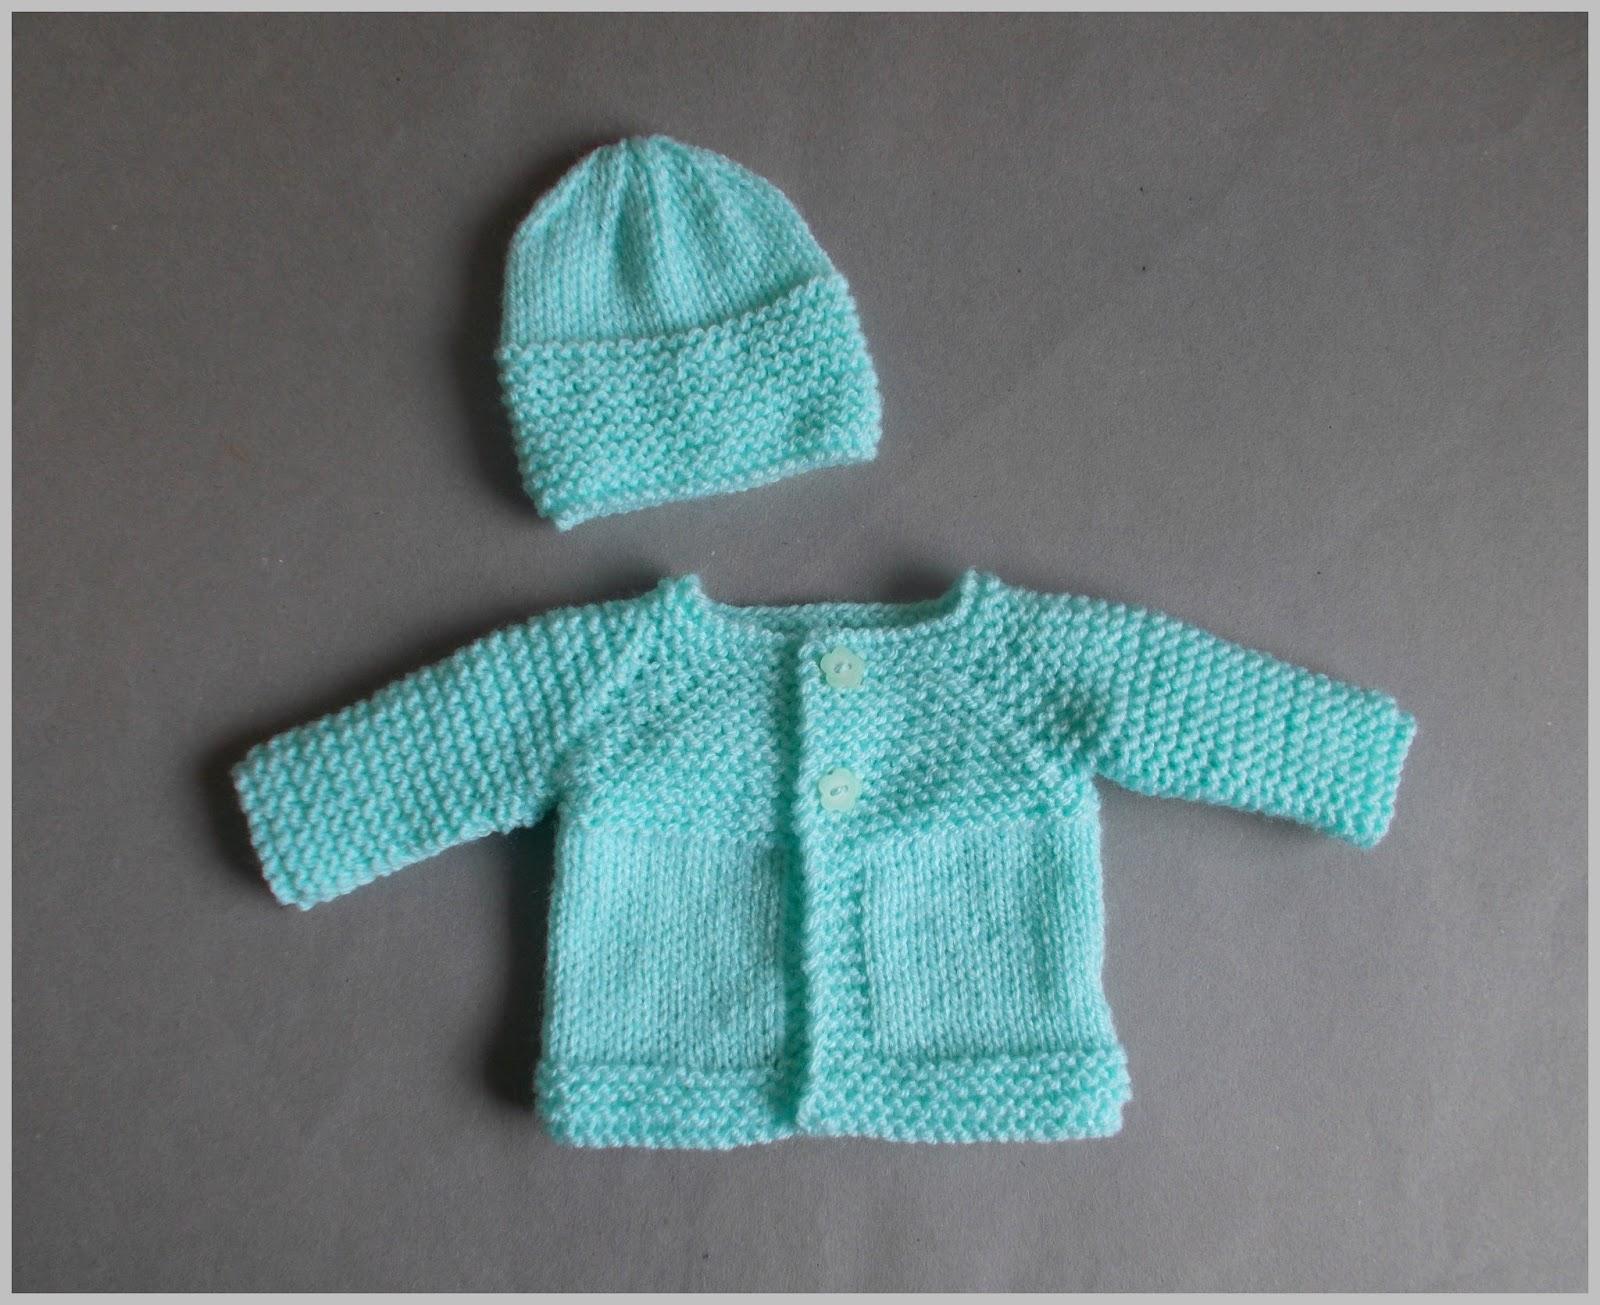 Abbreviation Kfb In Knitting : Marianna s lazy daisy days little babbity premature